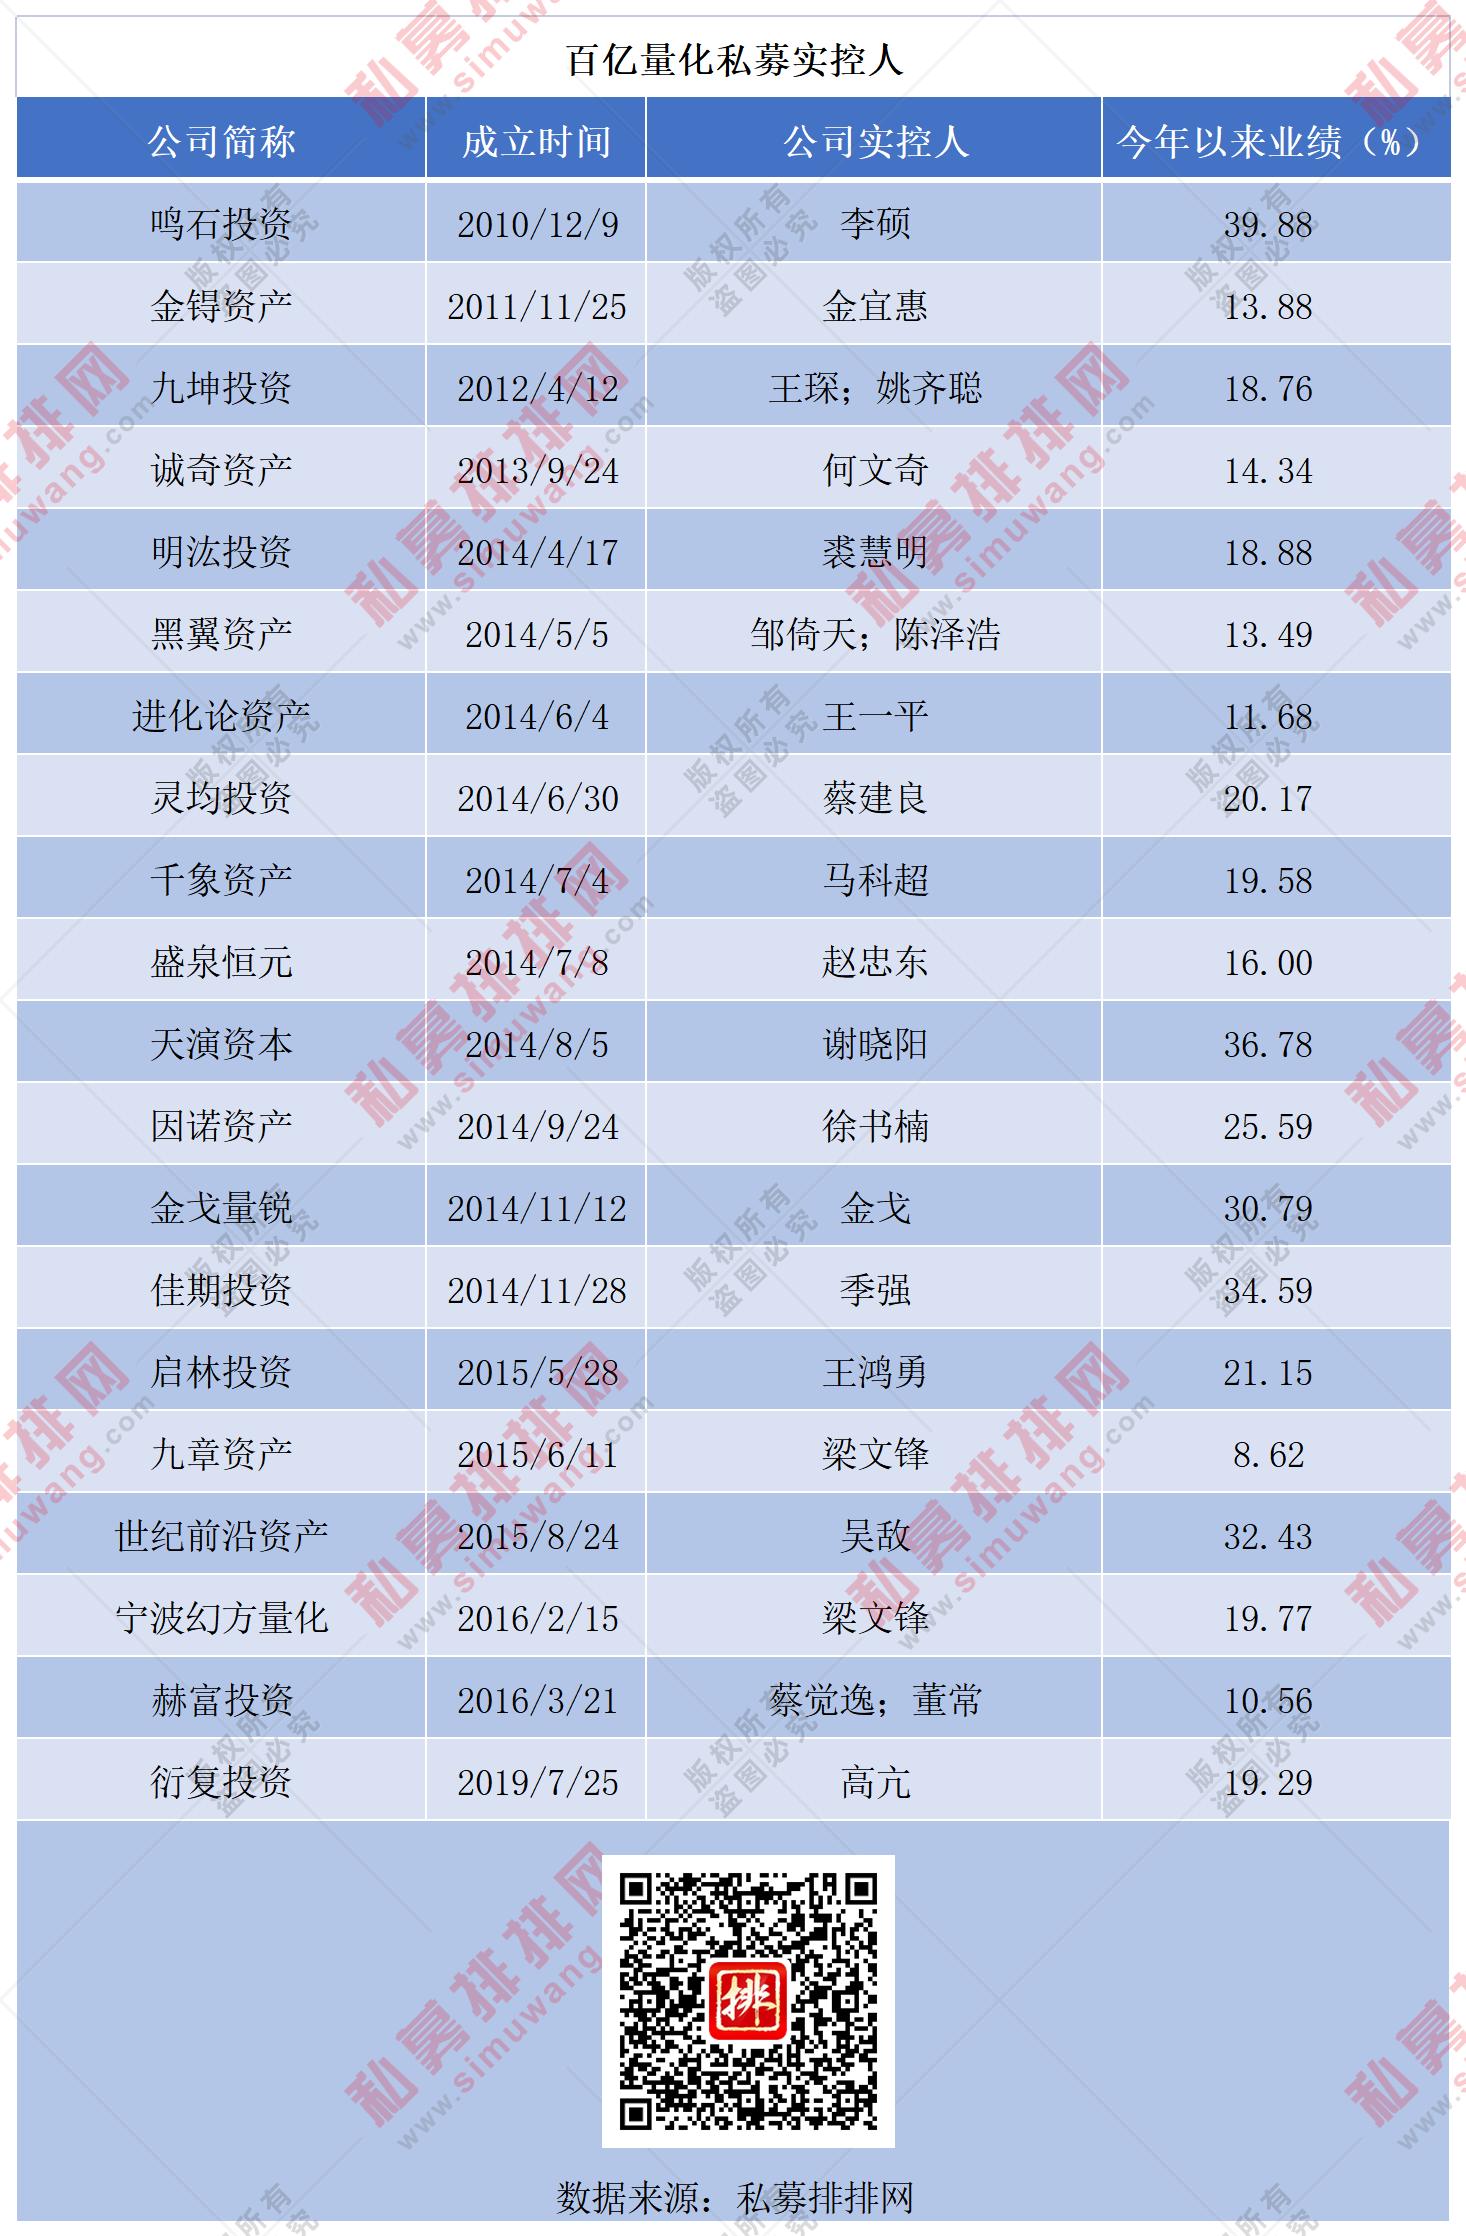 图片6 官网.png